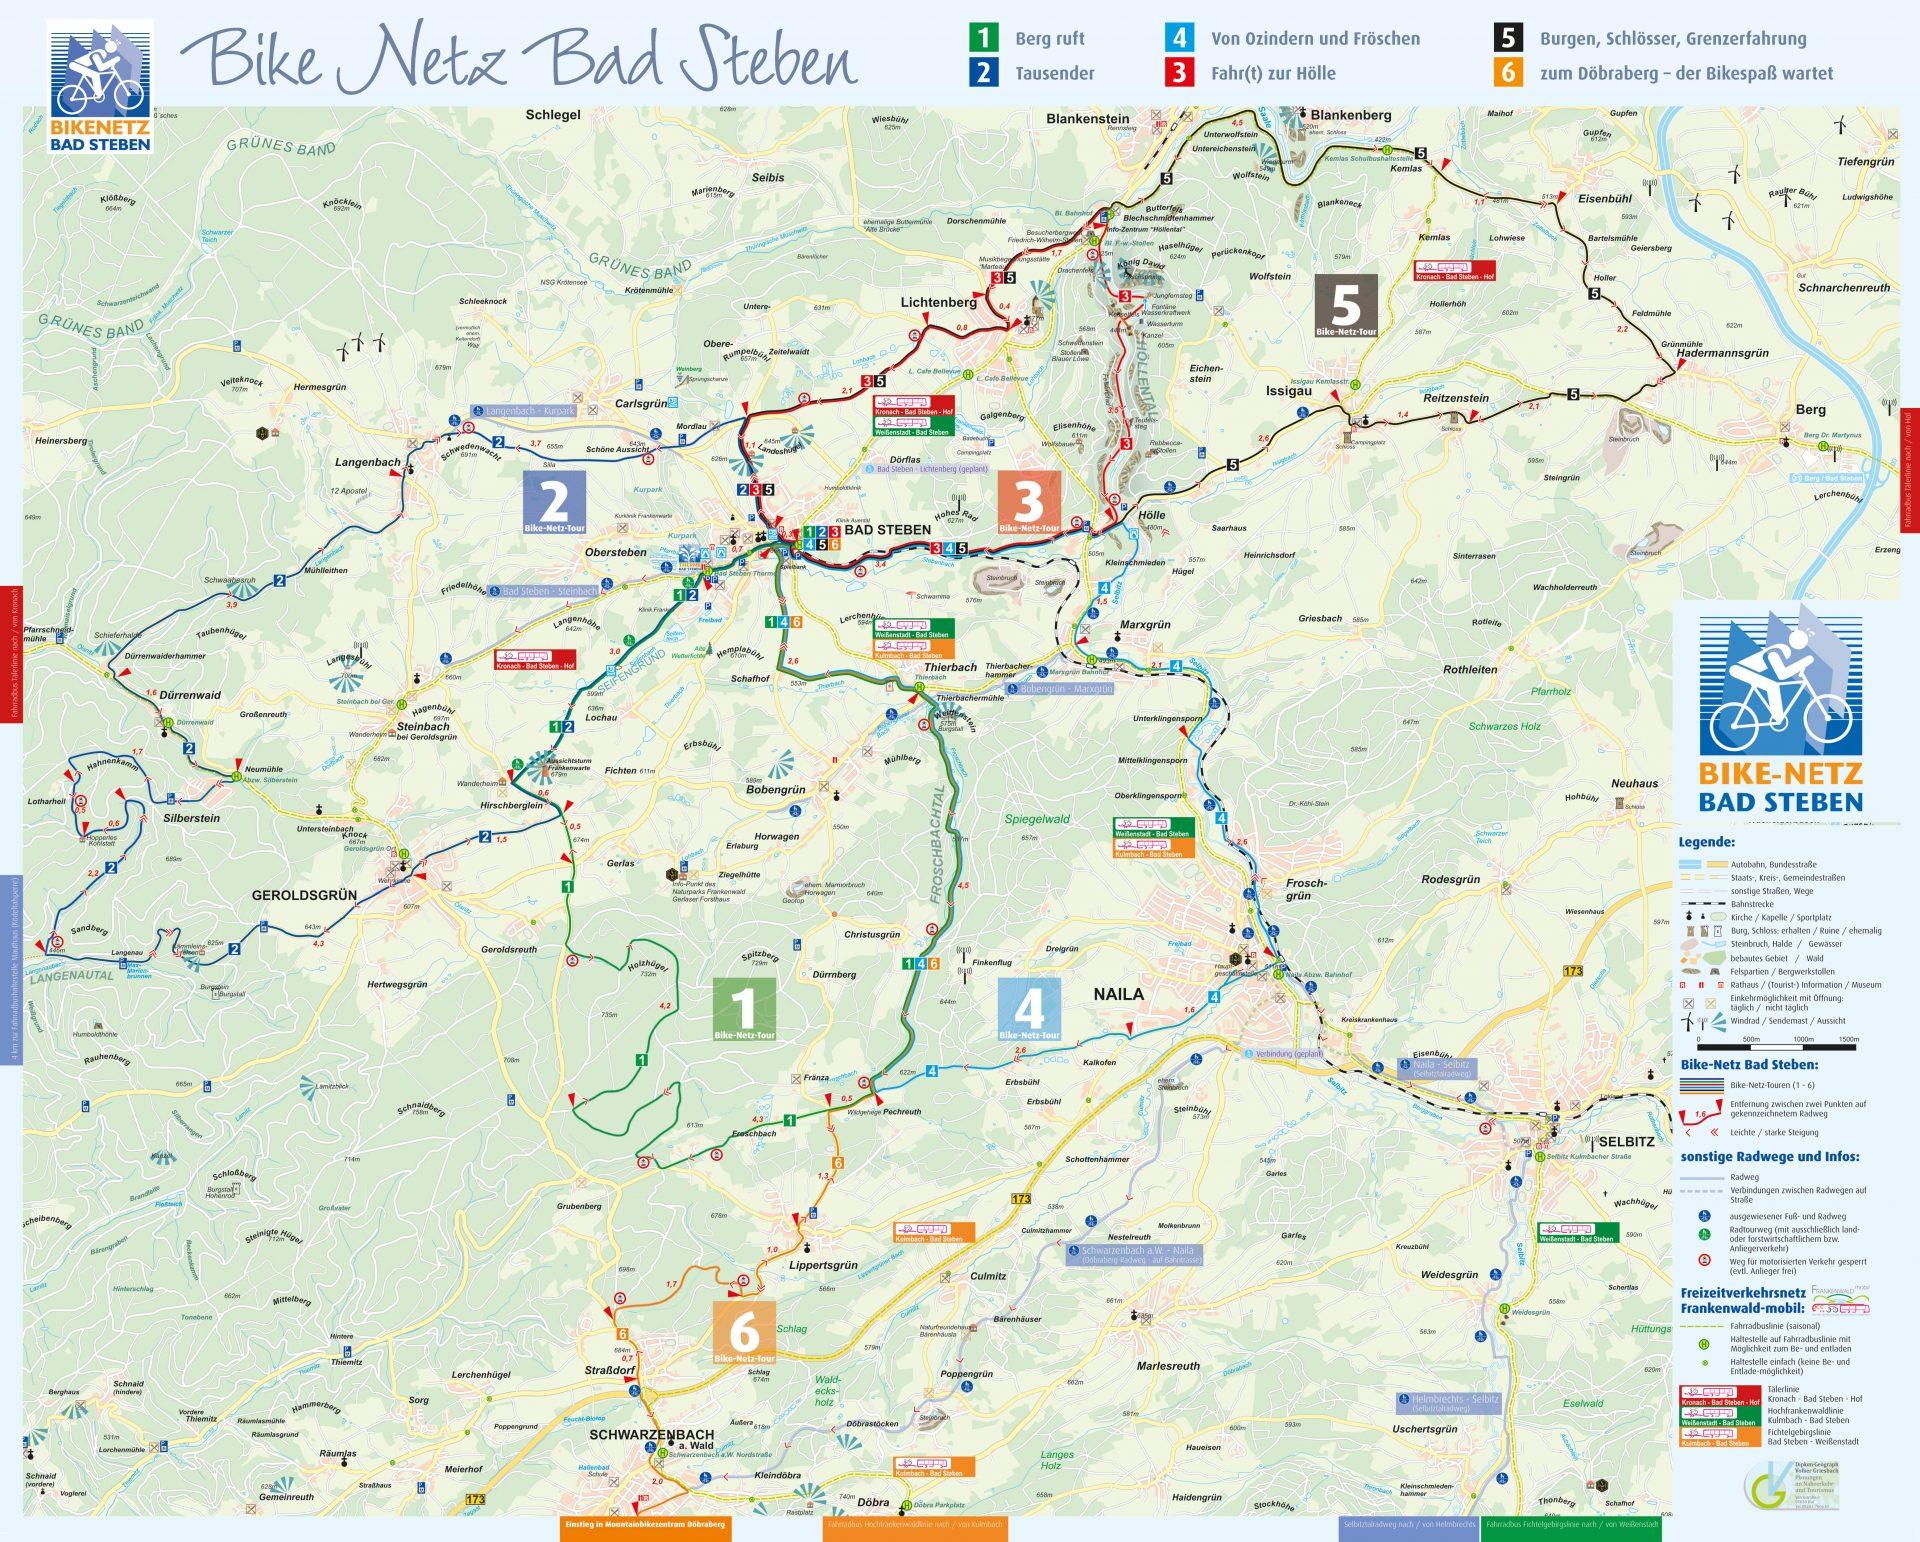 Bike Netz